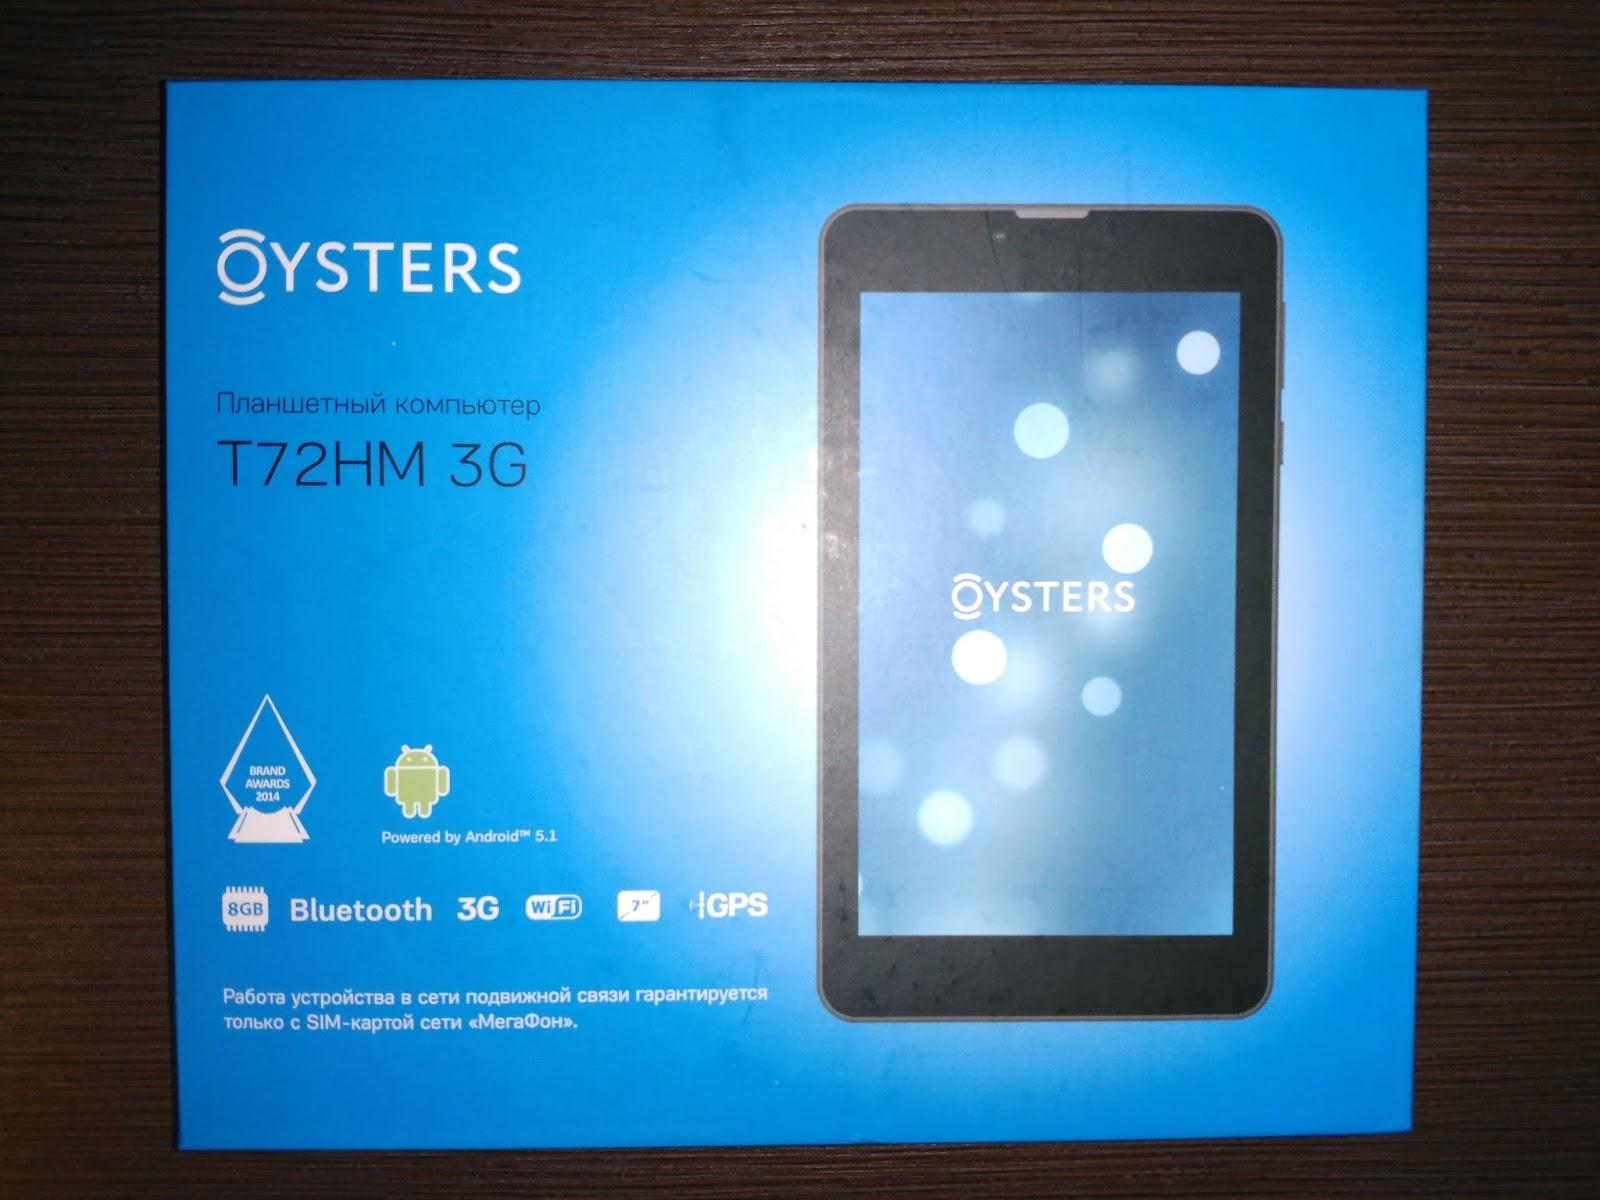 Как прошить oysters t72mr